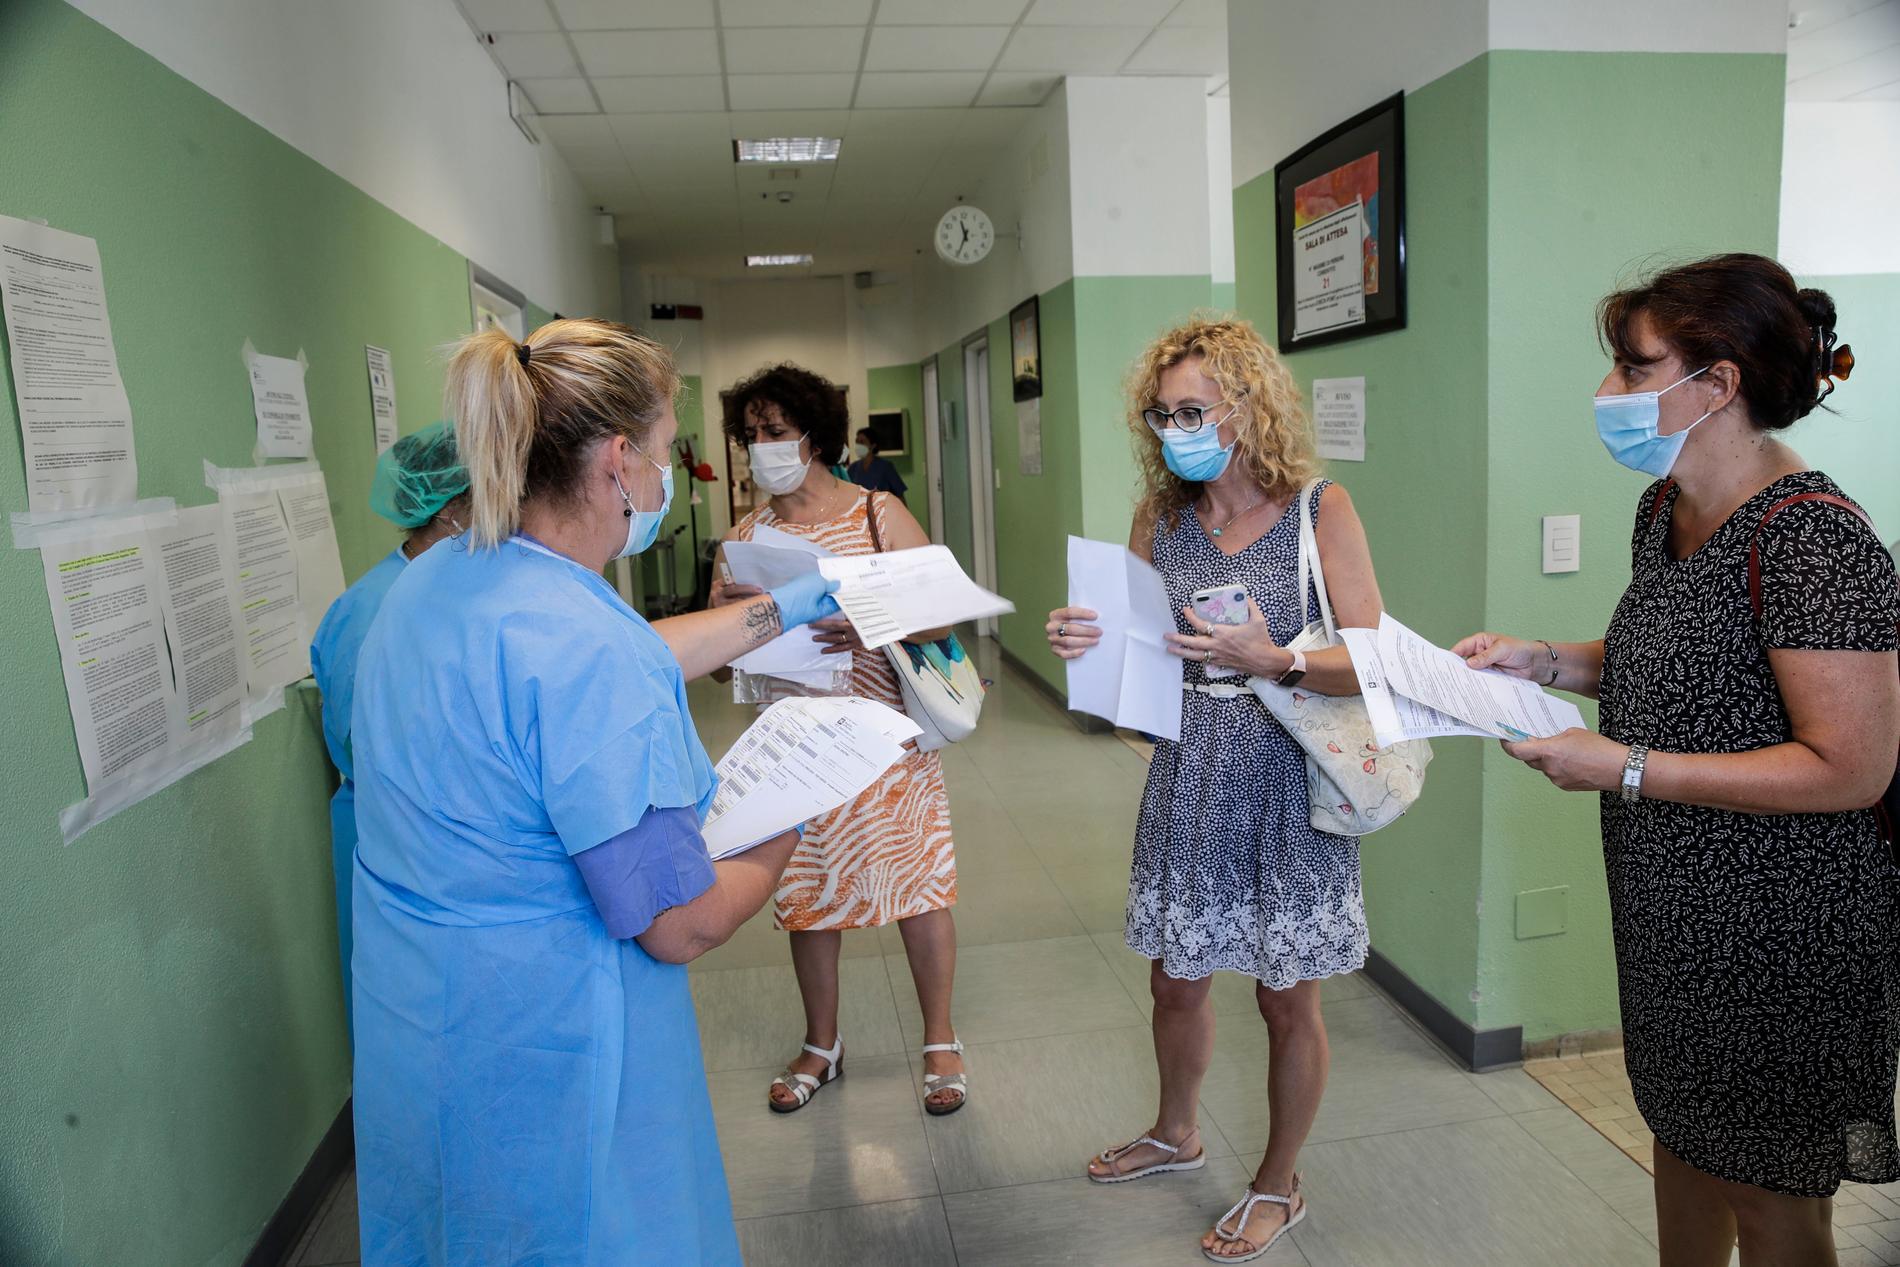 Även i Italien har antalet smittade ökat igen. Bild från San Carlo-sjukhuset i Milano.